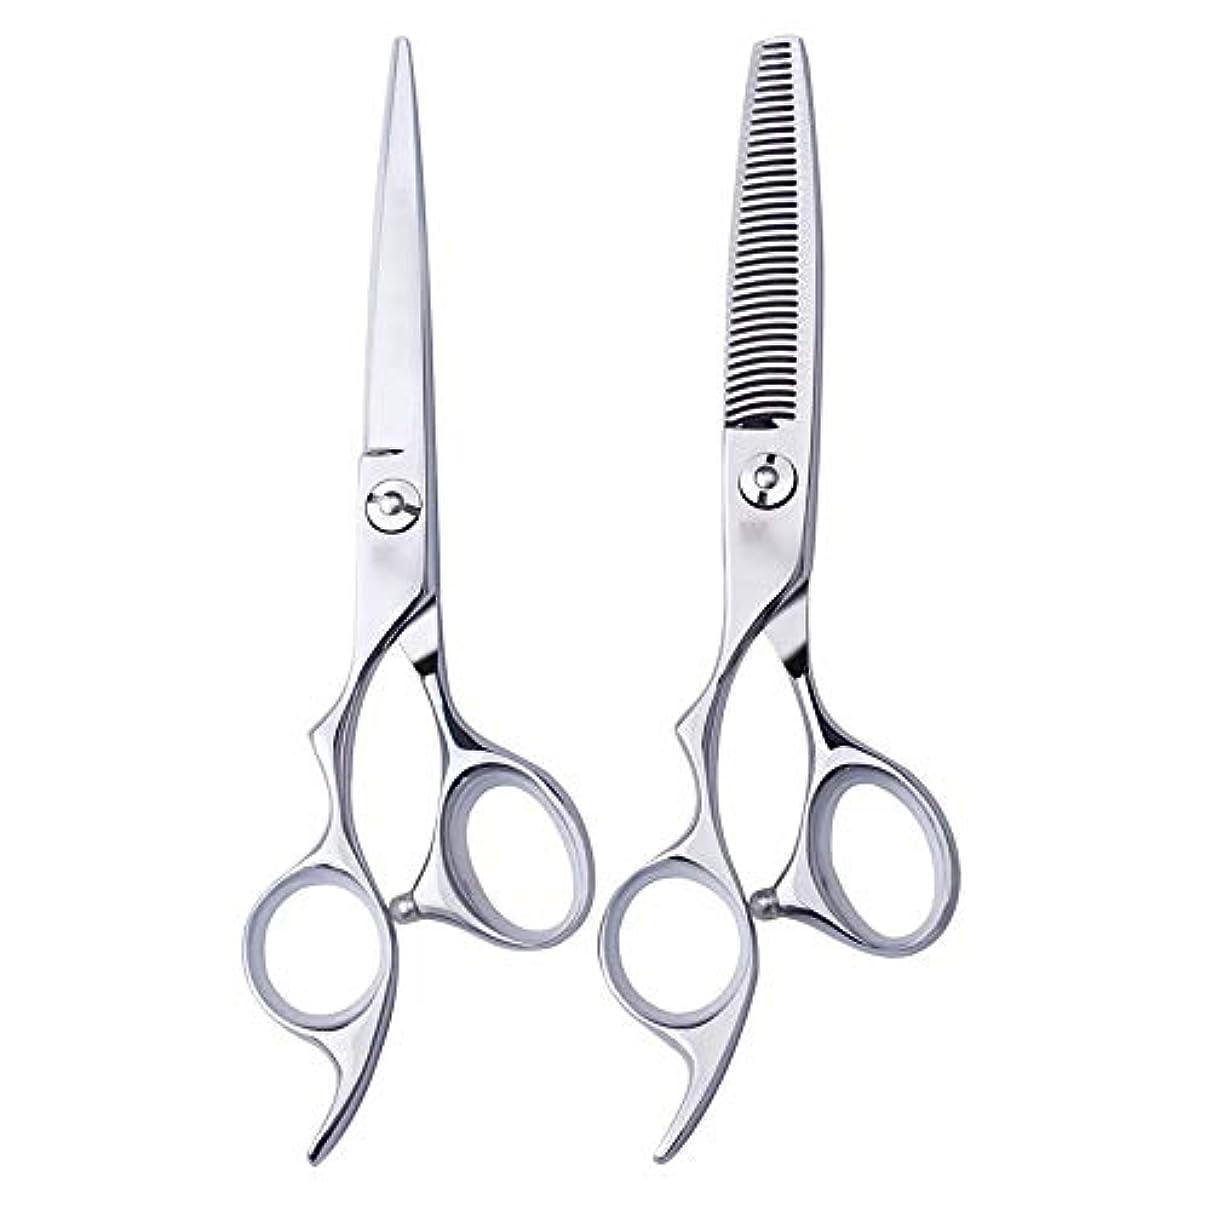 探検破滅的な改修する理髪用はさみ 6インチ美容院プロのヘアカット左手はさみ理髪はさみ、左利き用特殊理髪はさみプロの本格的なヘアカットはさみステンレス理髪はさみ (色 : Silver, Design : Tooth)